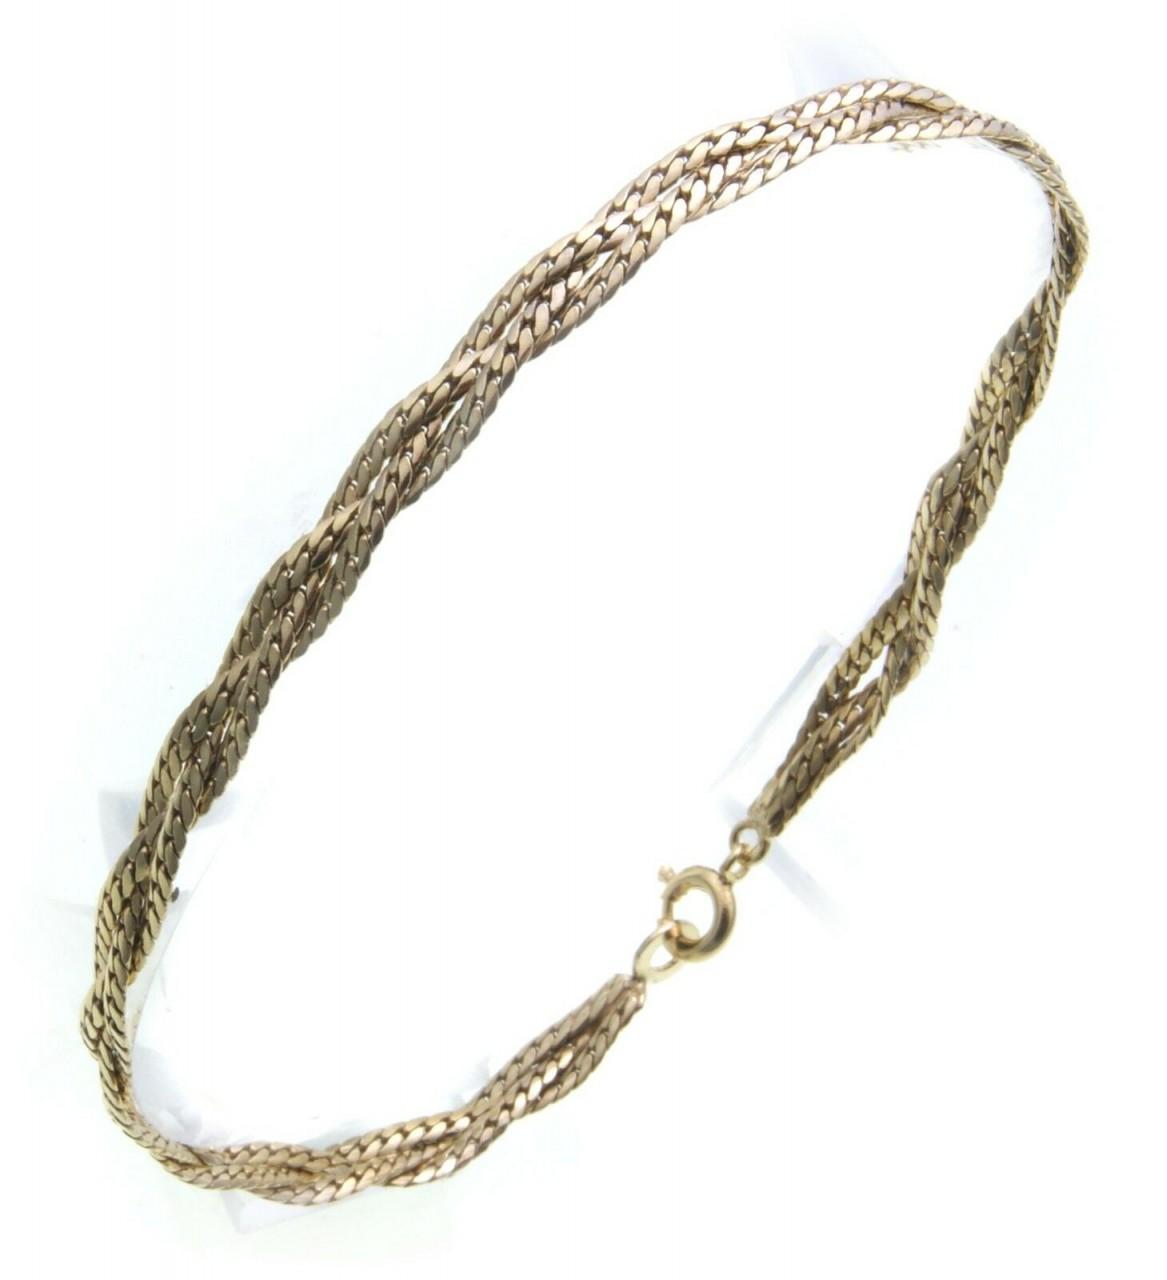 edles Armband Double vergoldet 18,5 cm Zopfkette Sonderpreis Damen Gelbgoldbesch